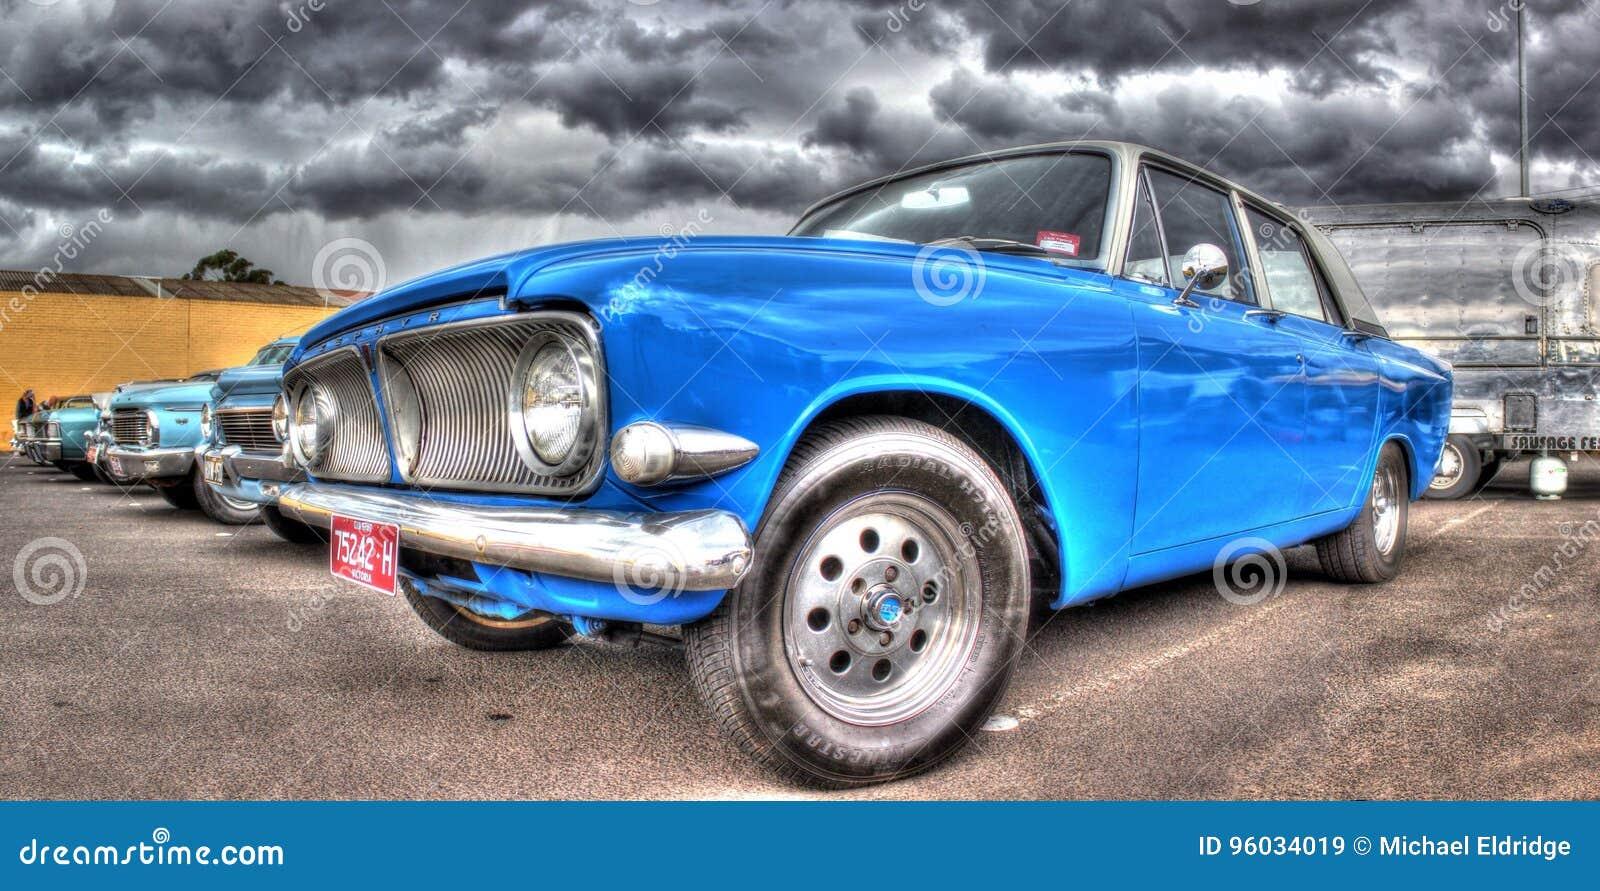 Klasyczny Brytyjski budujący Ford Zephyr